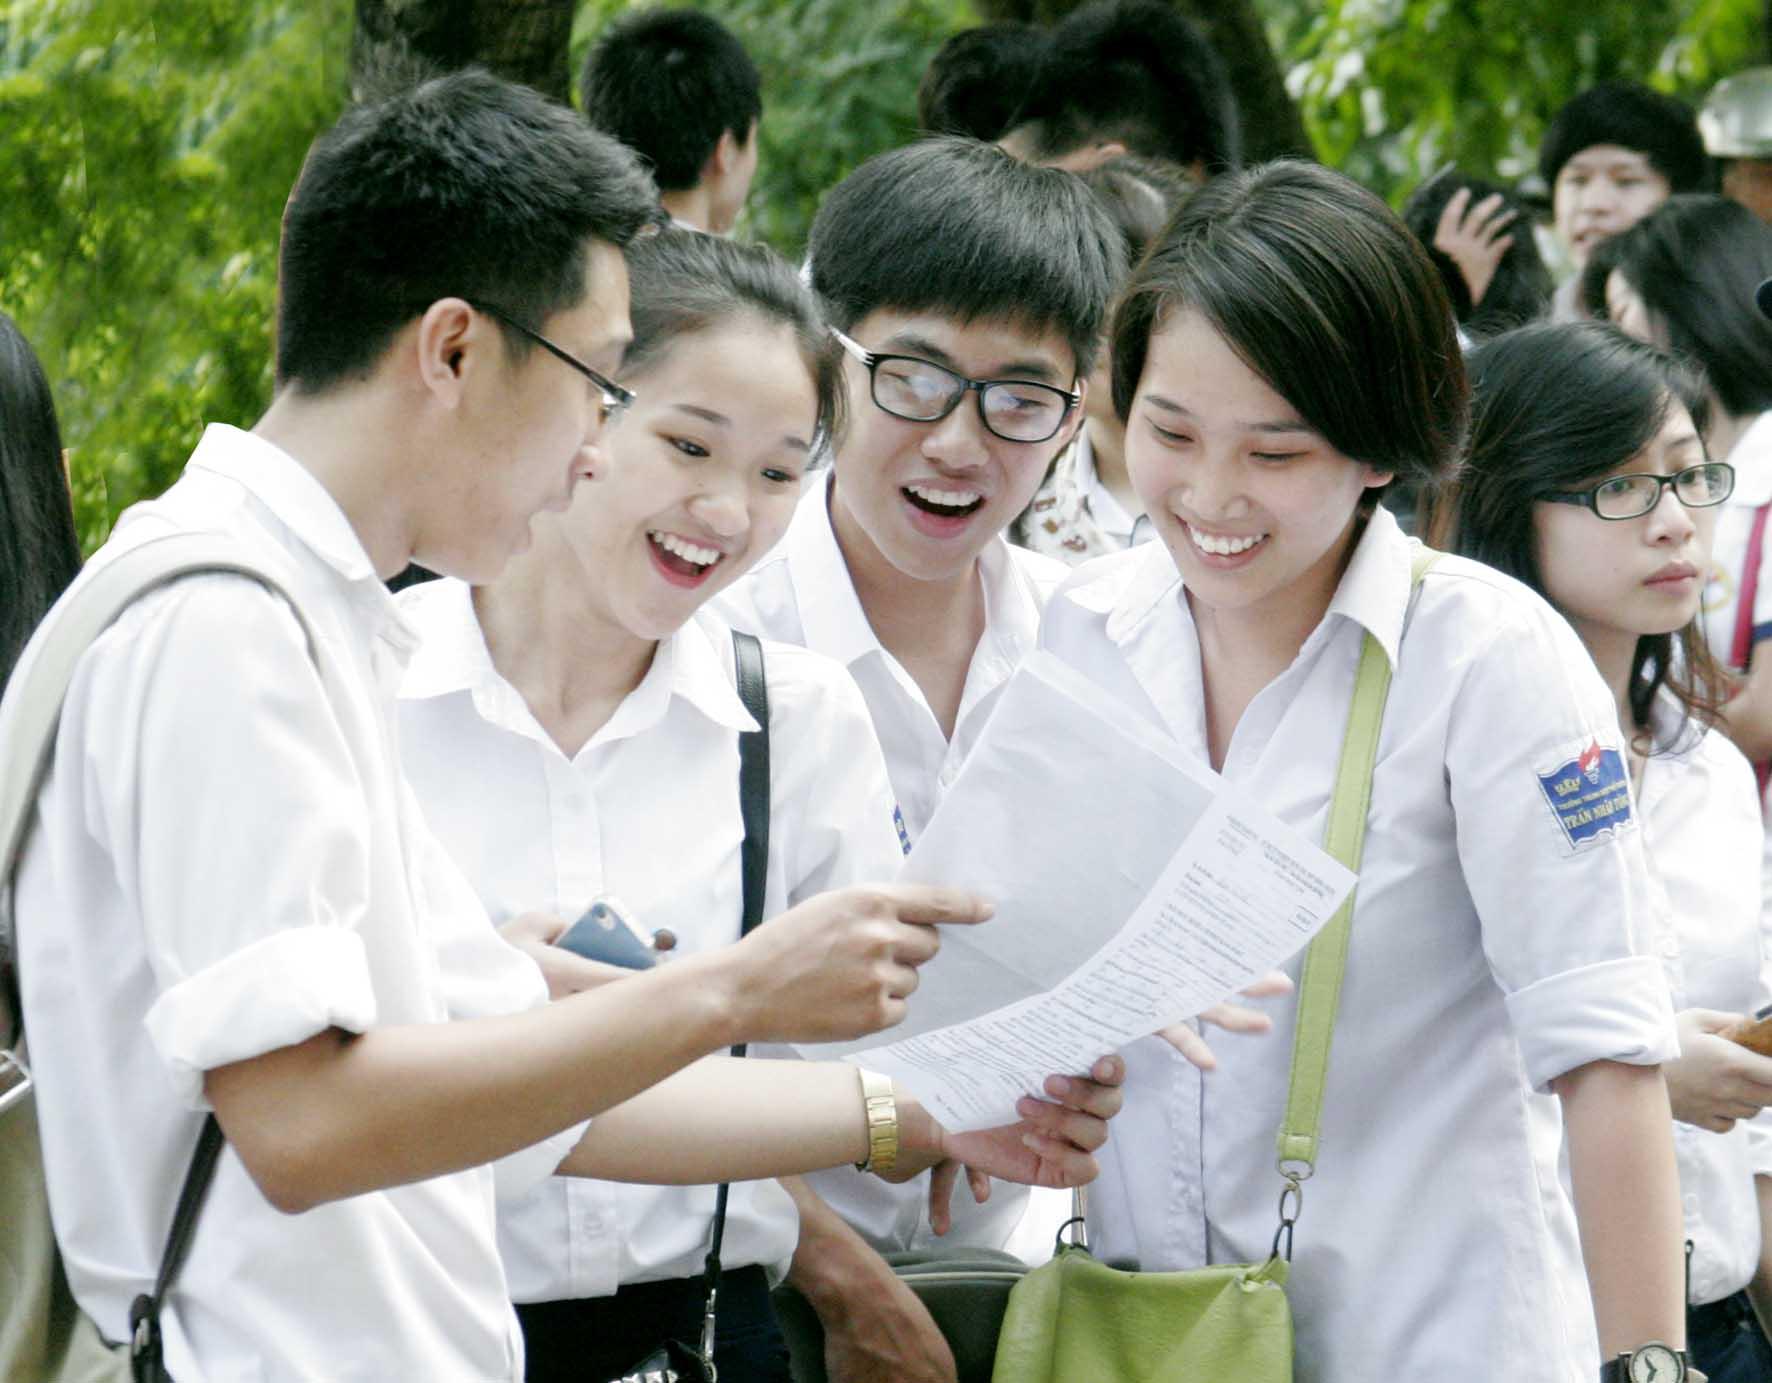 Đề thi học kì 2 lớp 11 môn Tiếng Anh 2015 THPT chuyên Huỳnh Mẫn Đạt